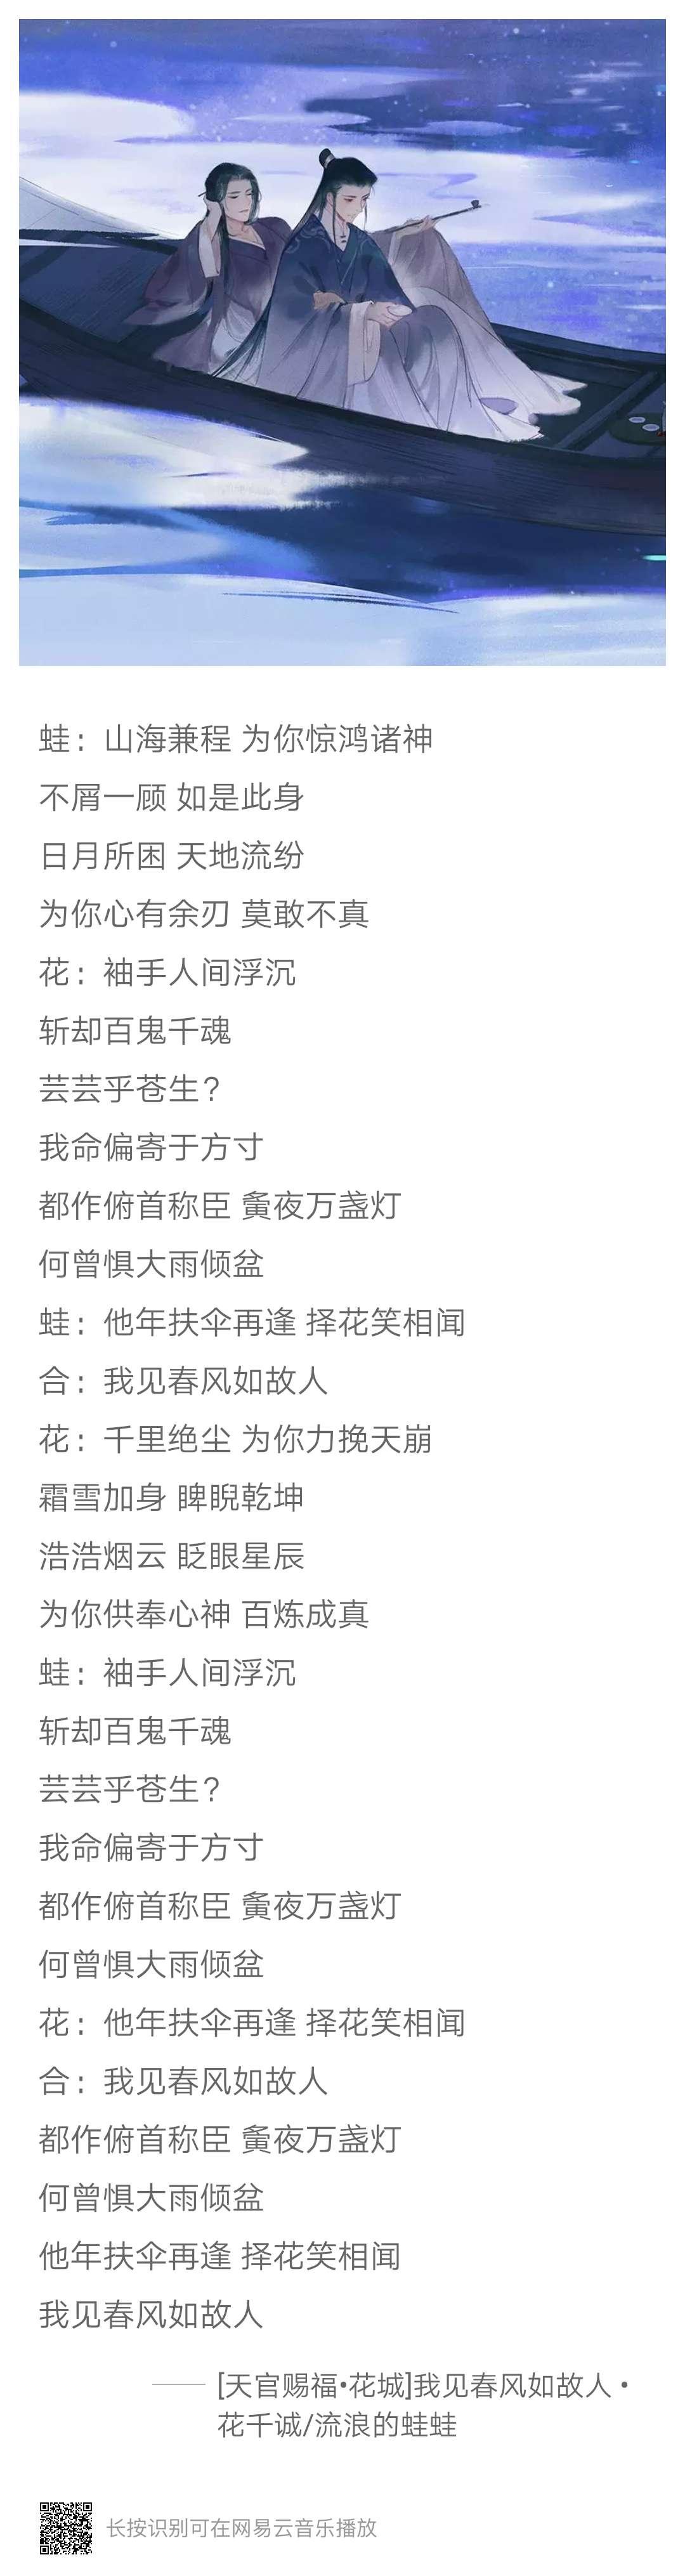 【音乐】[天官赐福•花城]我见春风如故人